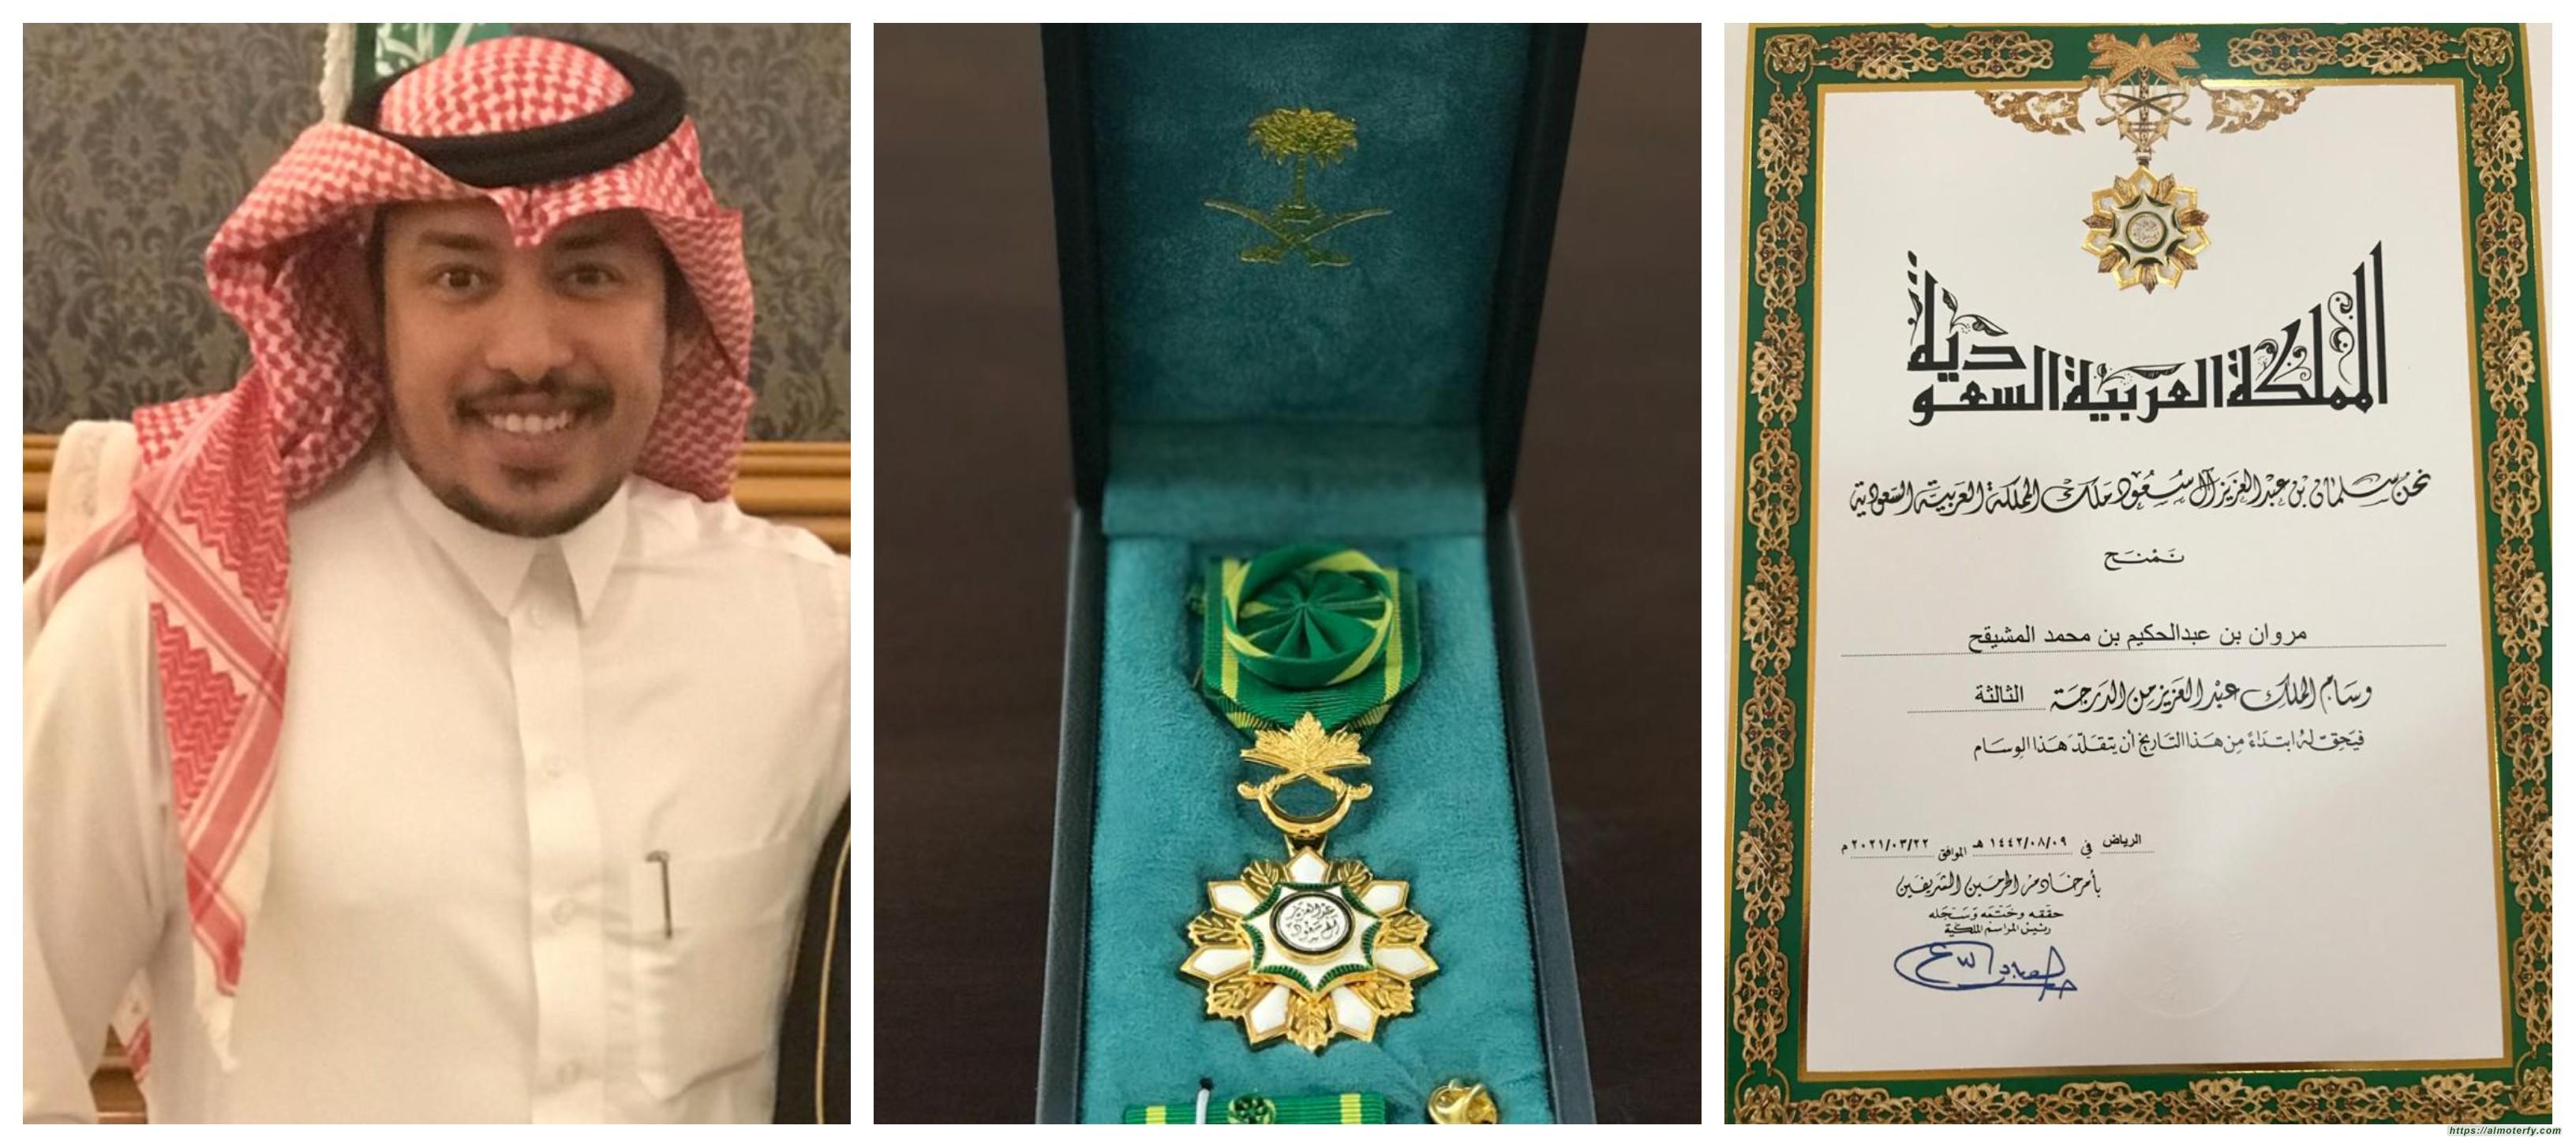 بأمر خادم الحرمين الشريفين:  مروان المشيقح يحصل على وسام الملك عبدالعزيز من الدرجة الثالثة